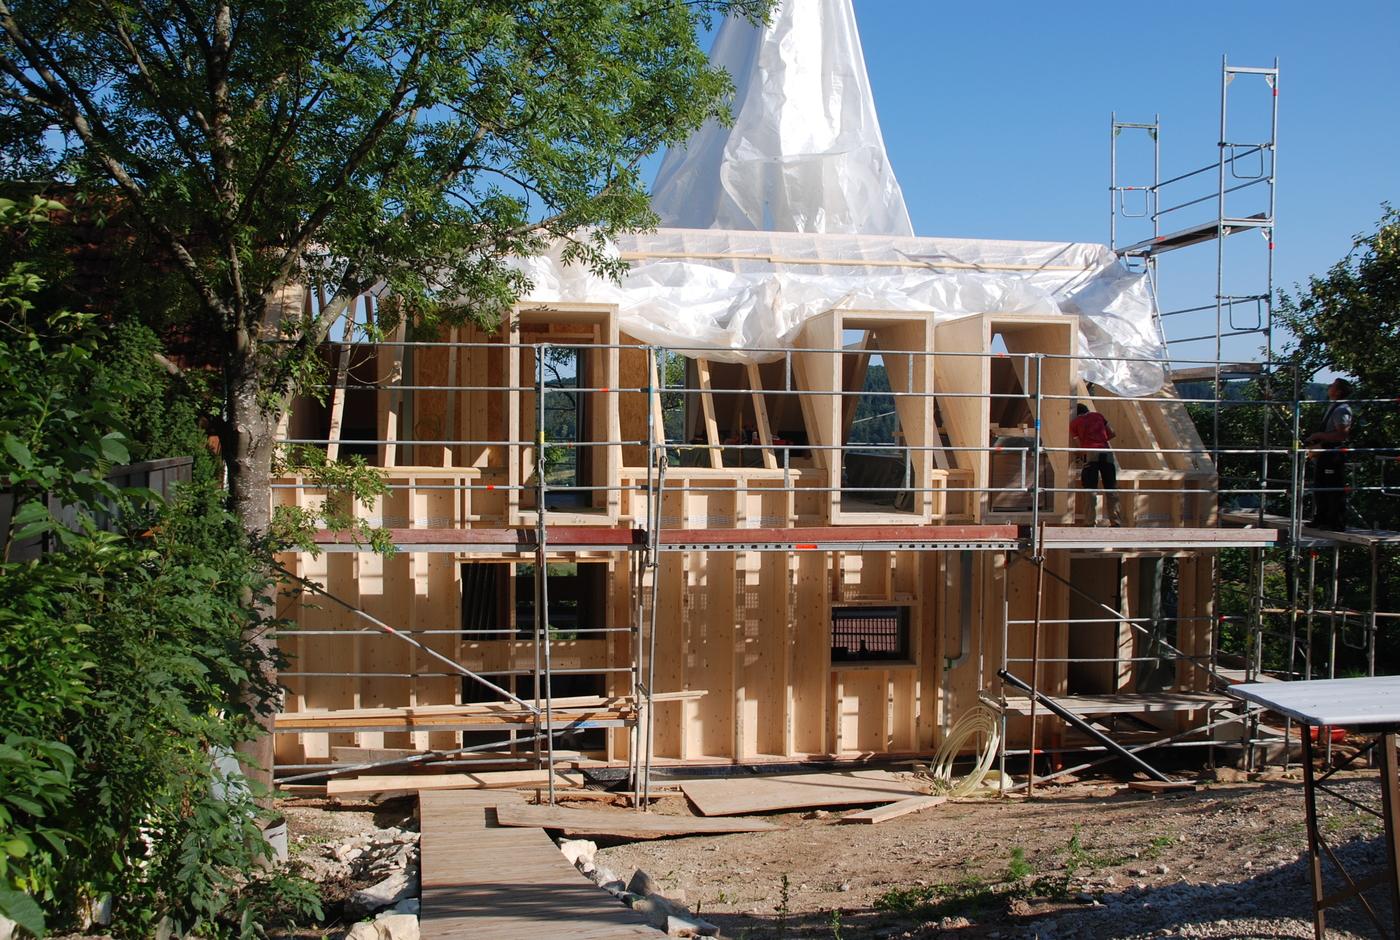 Holzhaus beim Bau mit Baugerüst